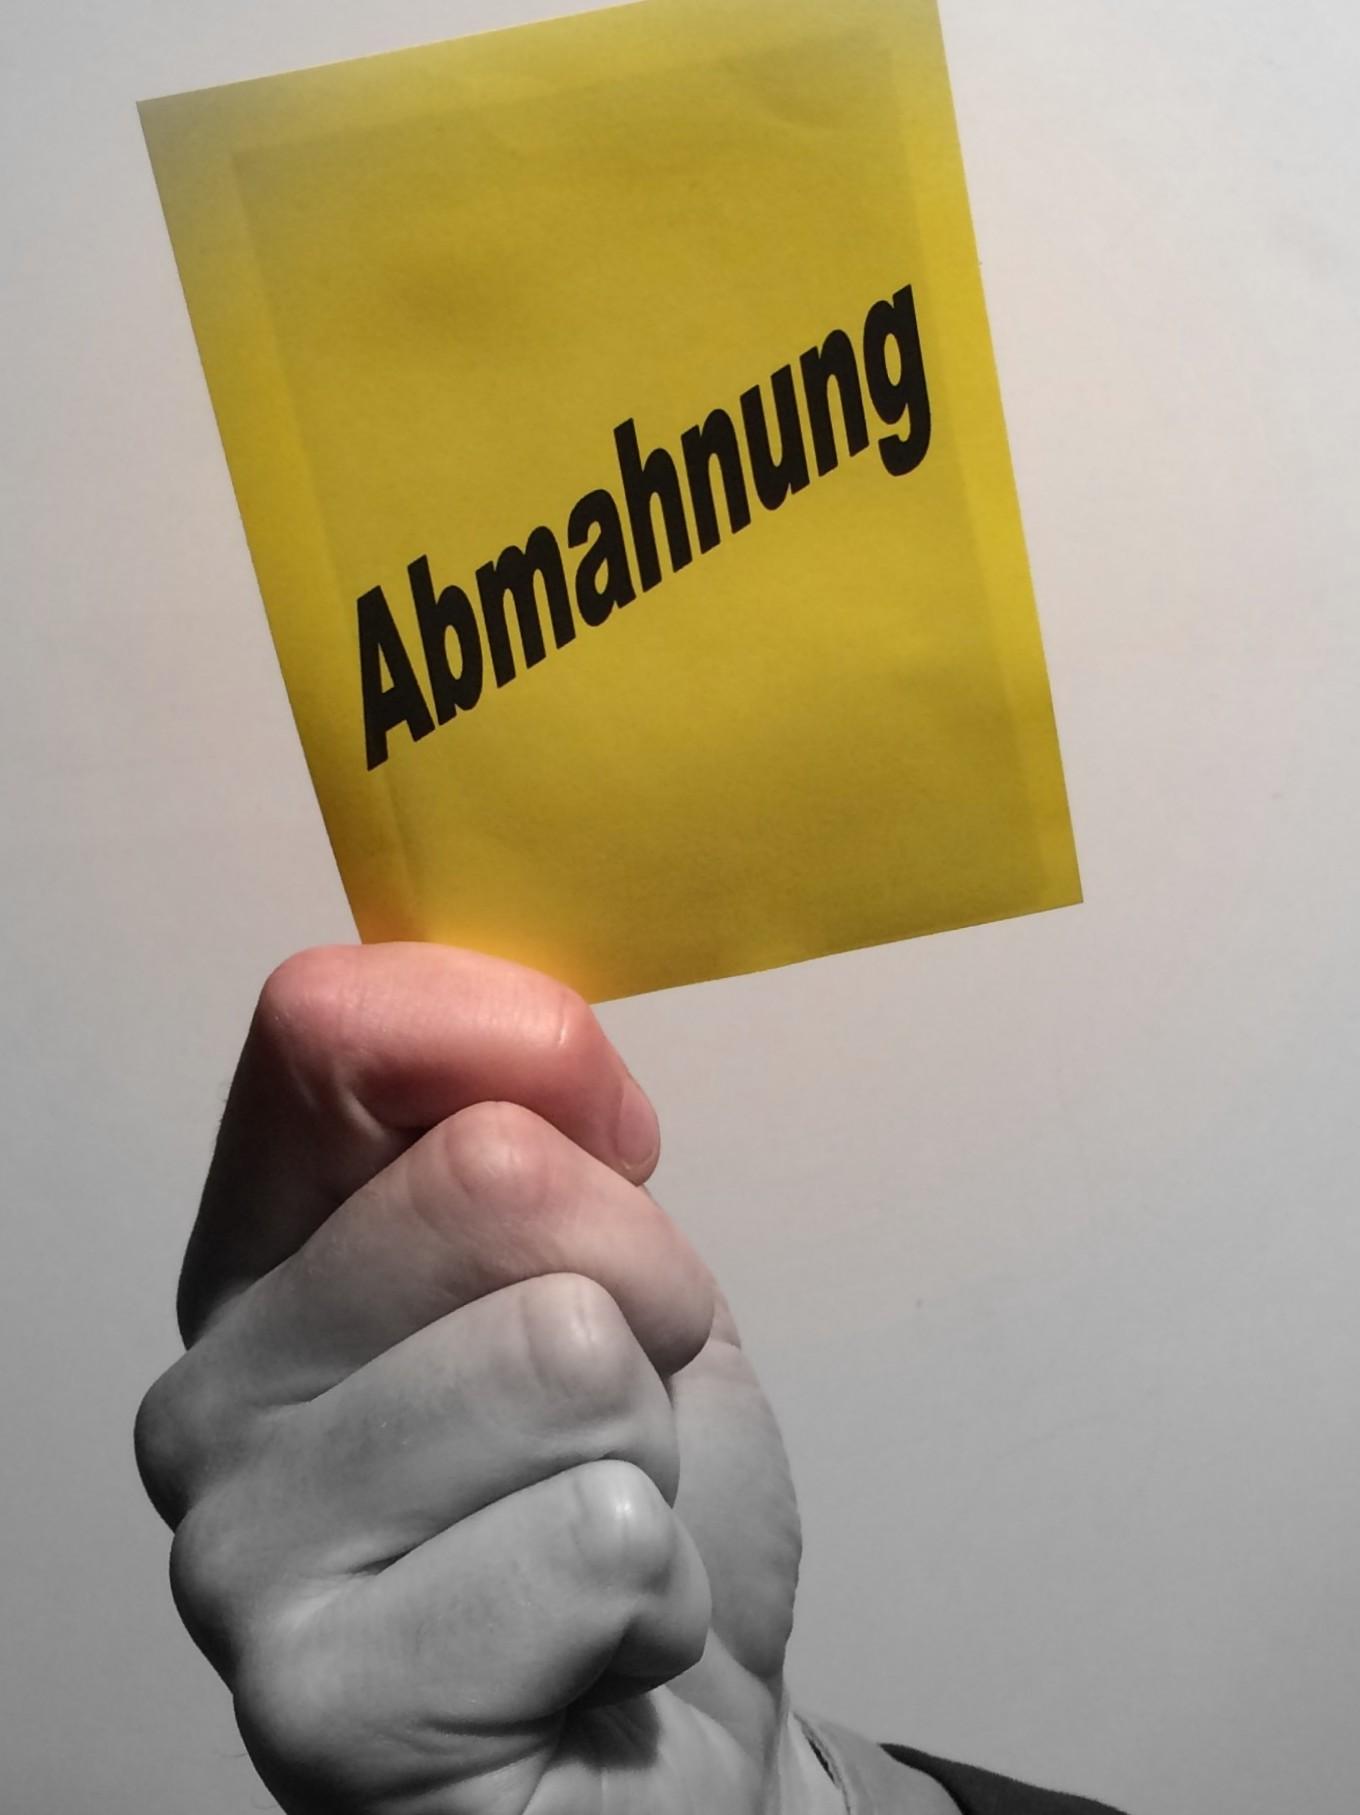 Lorbach Rechtsanwaltskanzlei Abmahnung Düren